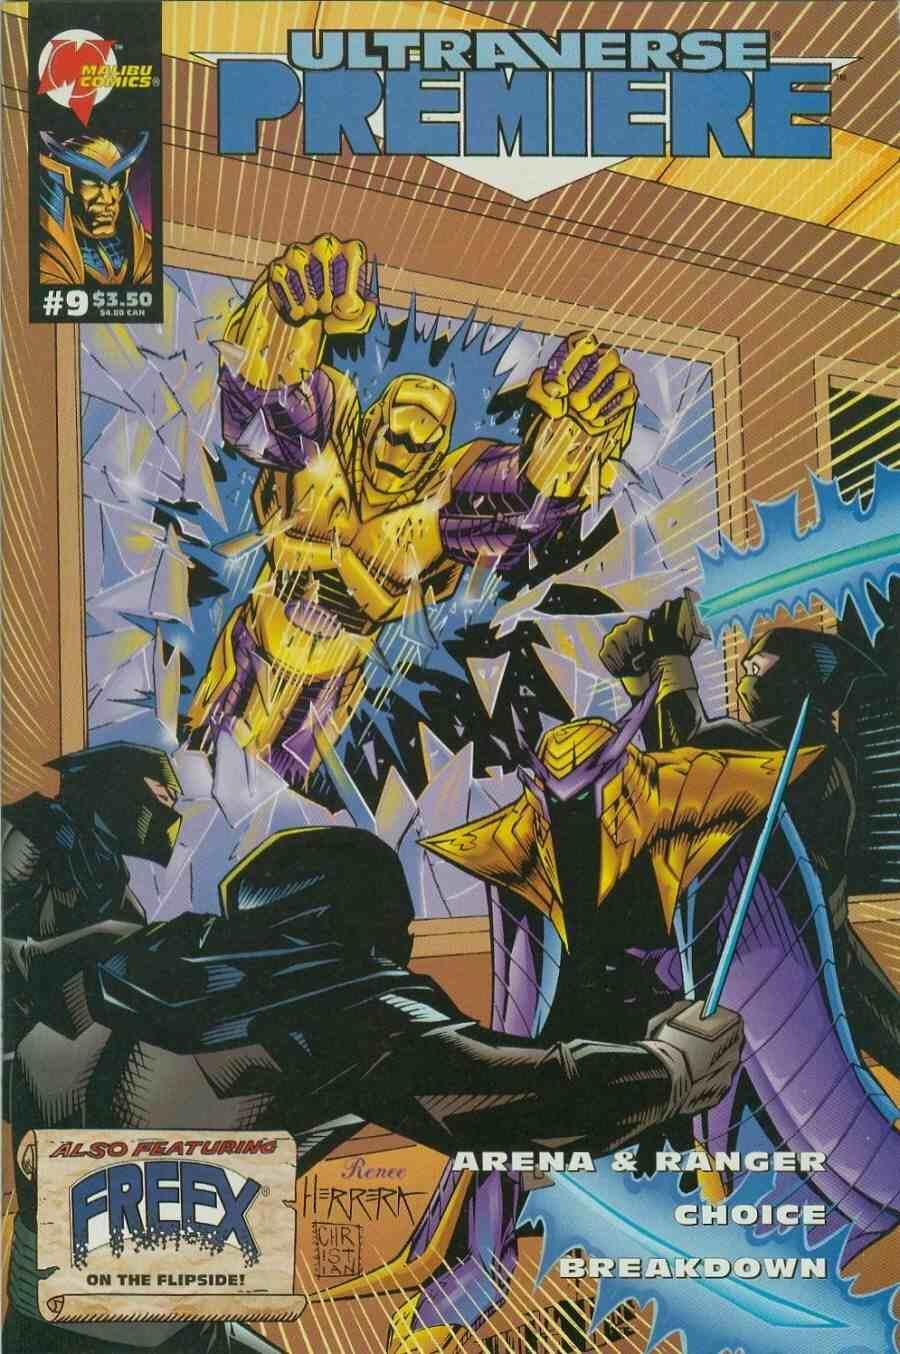 Read online Ultraverse Premiere comic -  Issue #9 - 1